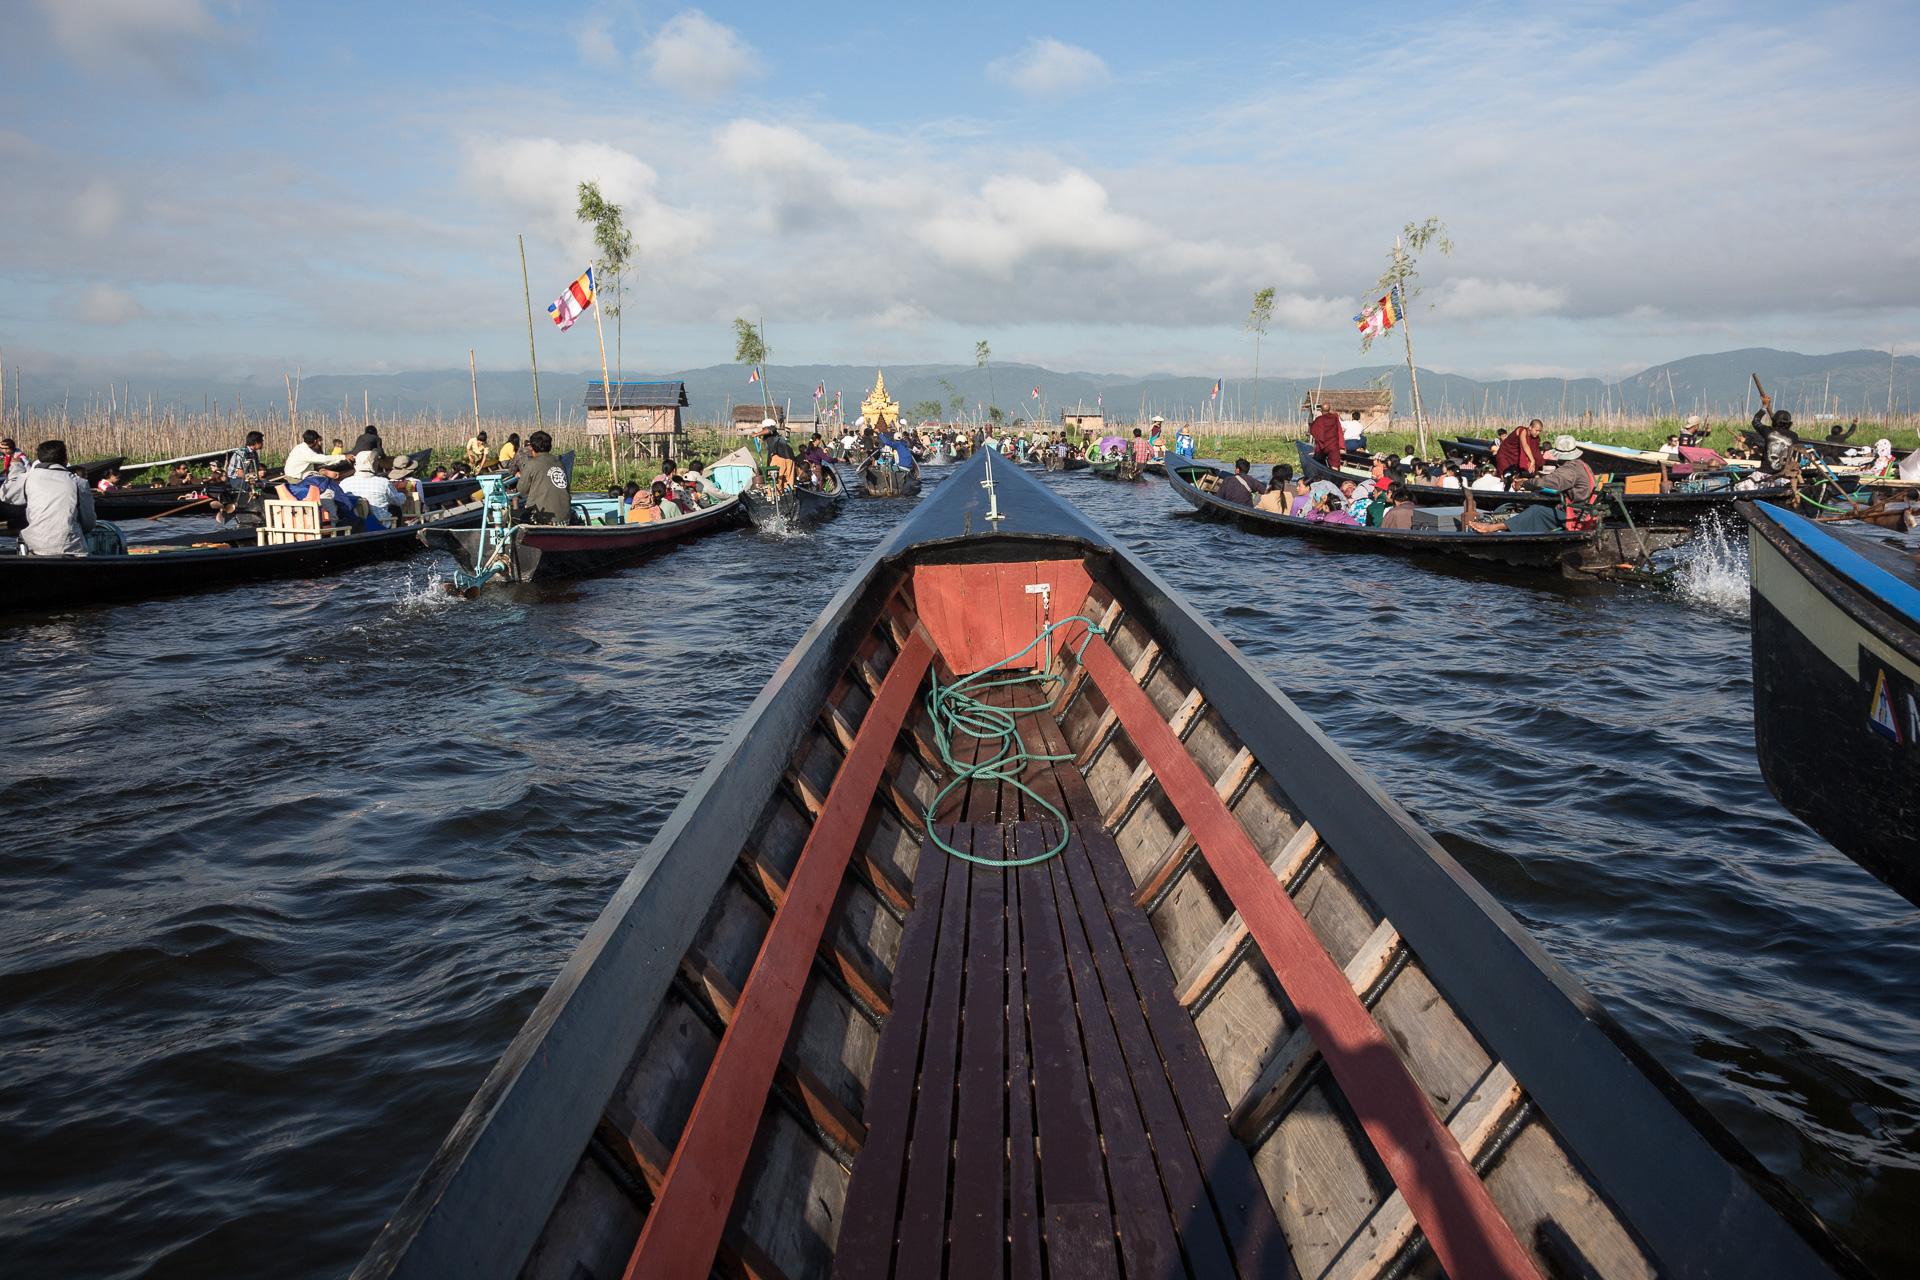 myanmar-reportage-wisckow-050.jpg